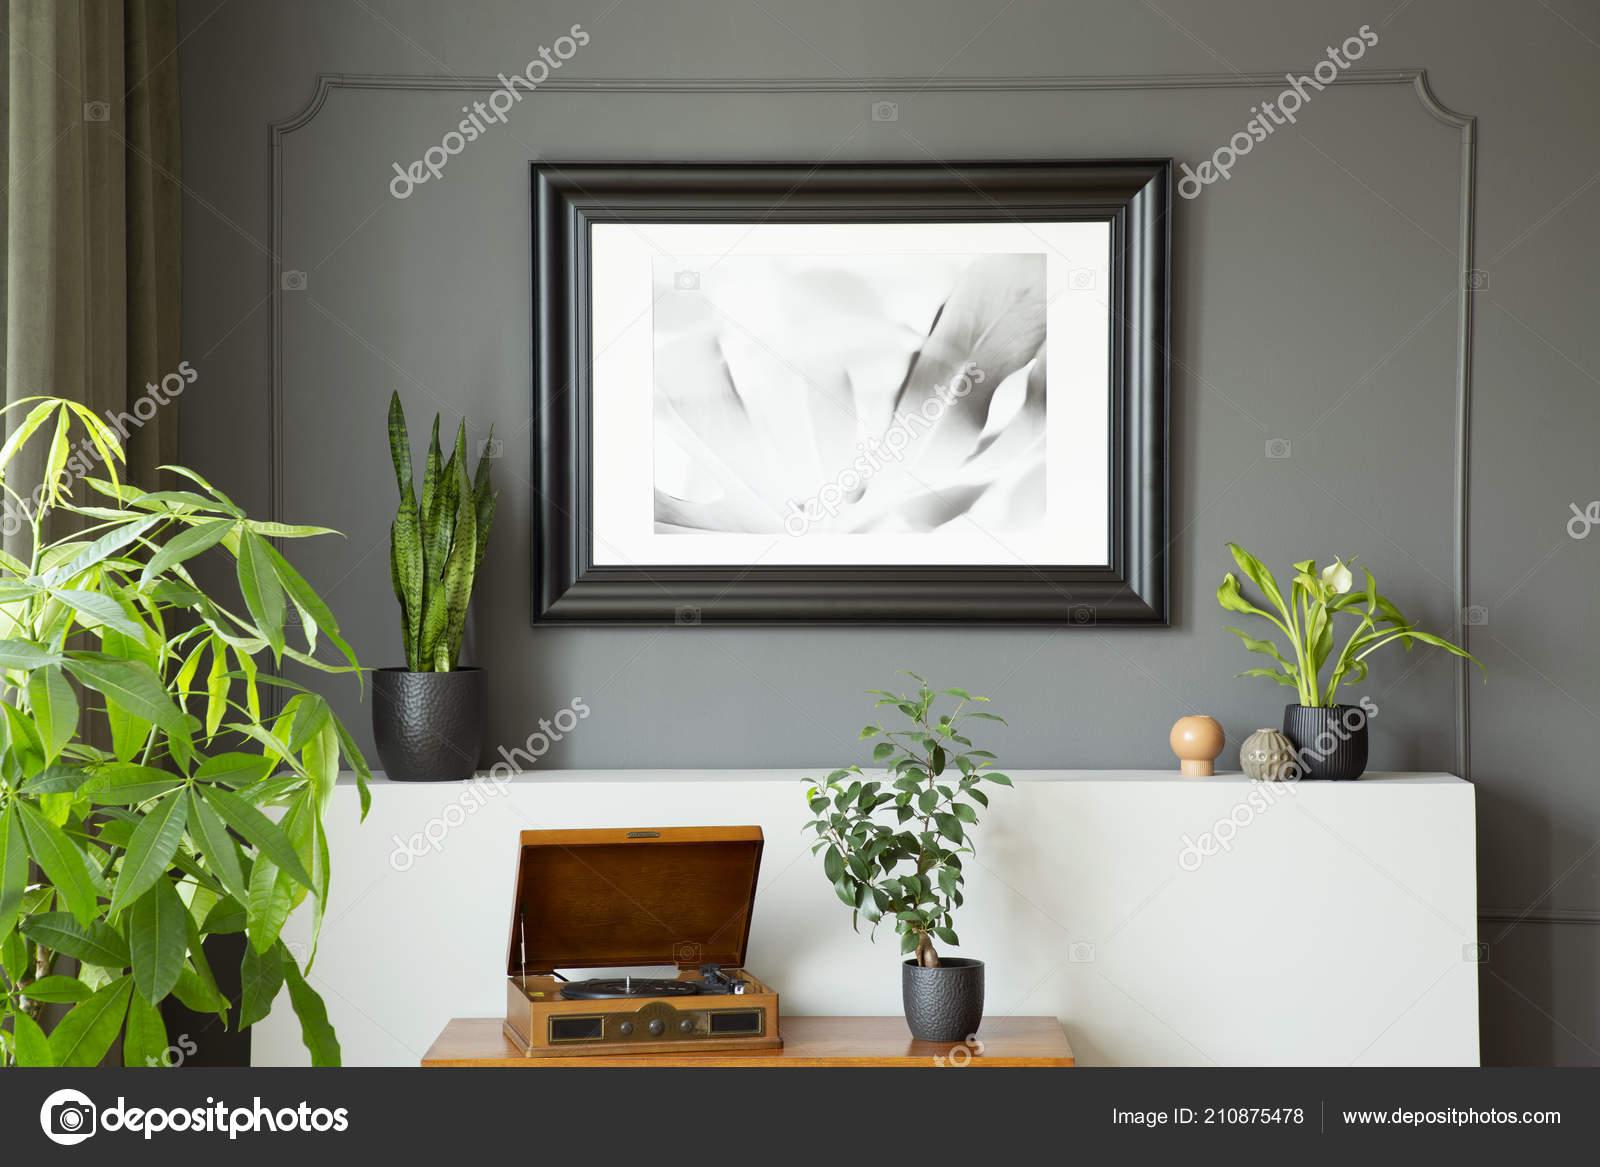 Poster Auf Graue Wand Über Plattenspieler Und Pflanzen Retro ...